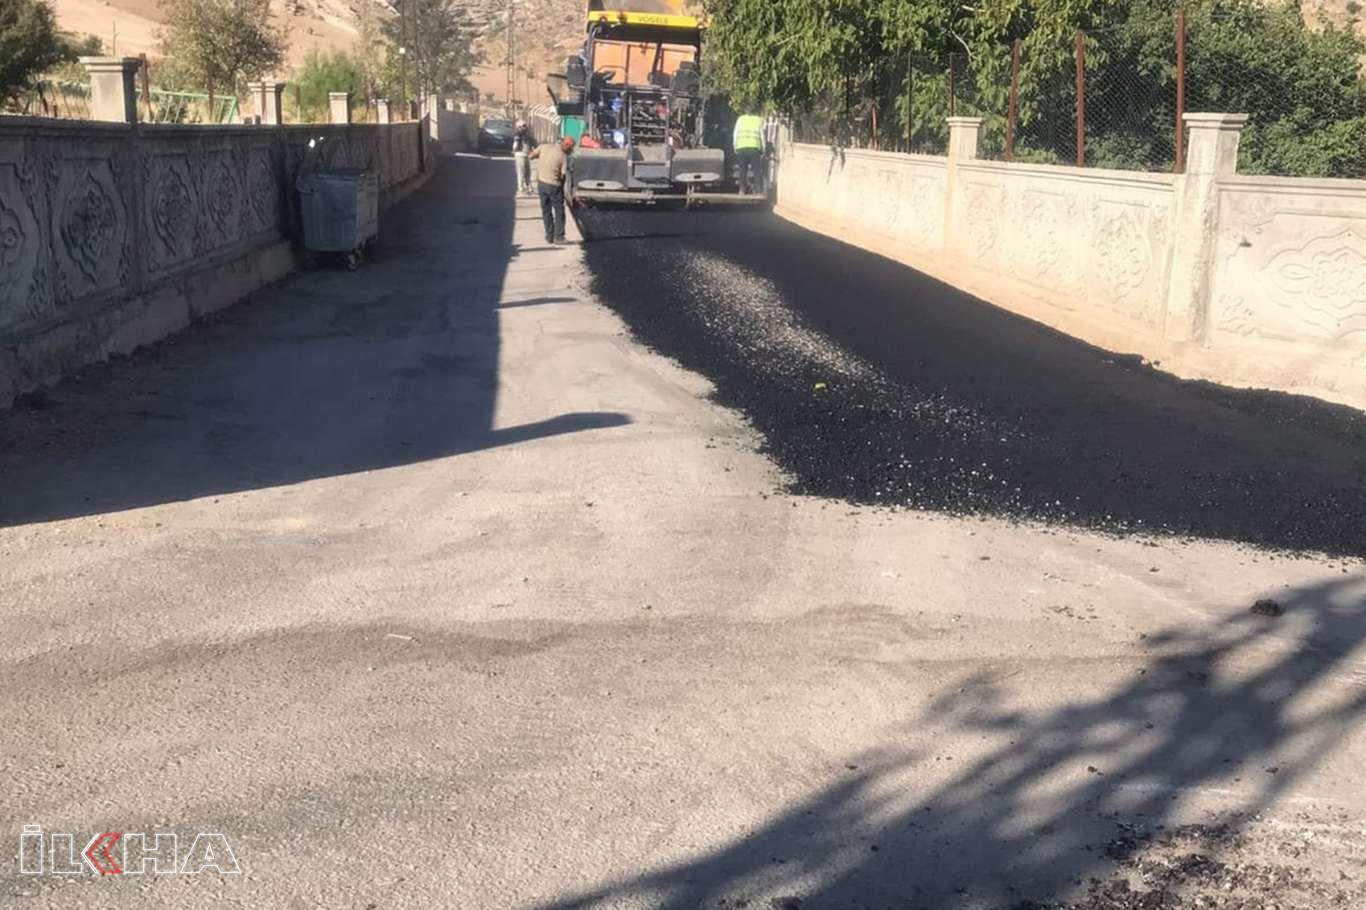 Eruh genelinde başlatılan altyapı ve asfalt çalışmaları devam ediyor